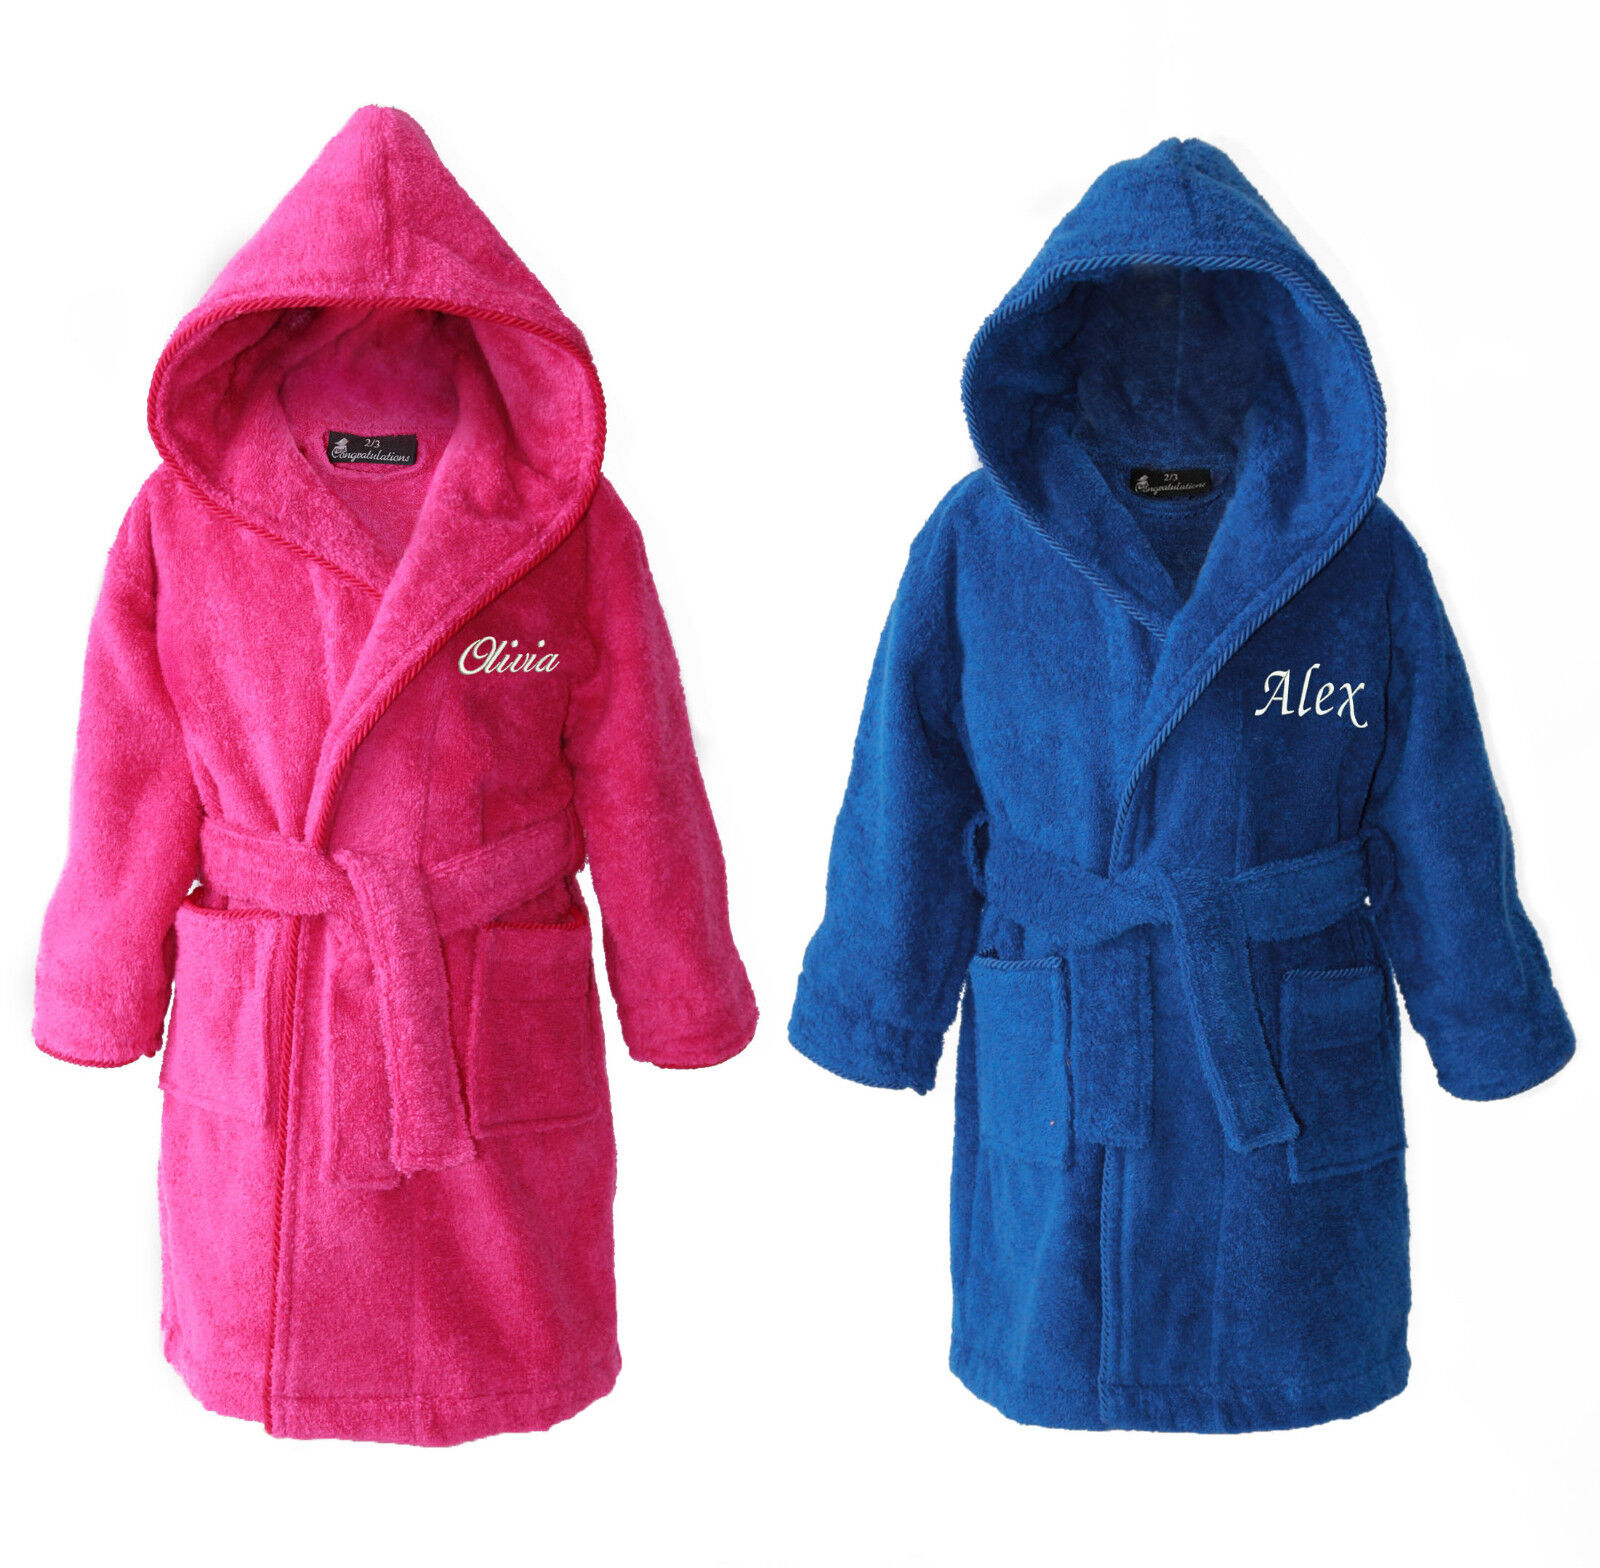 Personalizzato Per Bambini Cappuccio In Spugna Accappatoio Vestaglia Rosa Blu